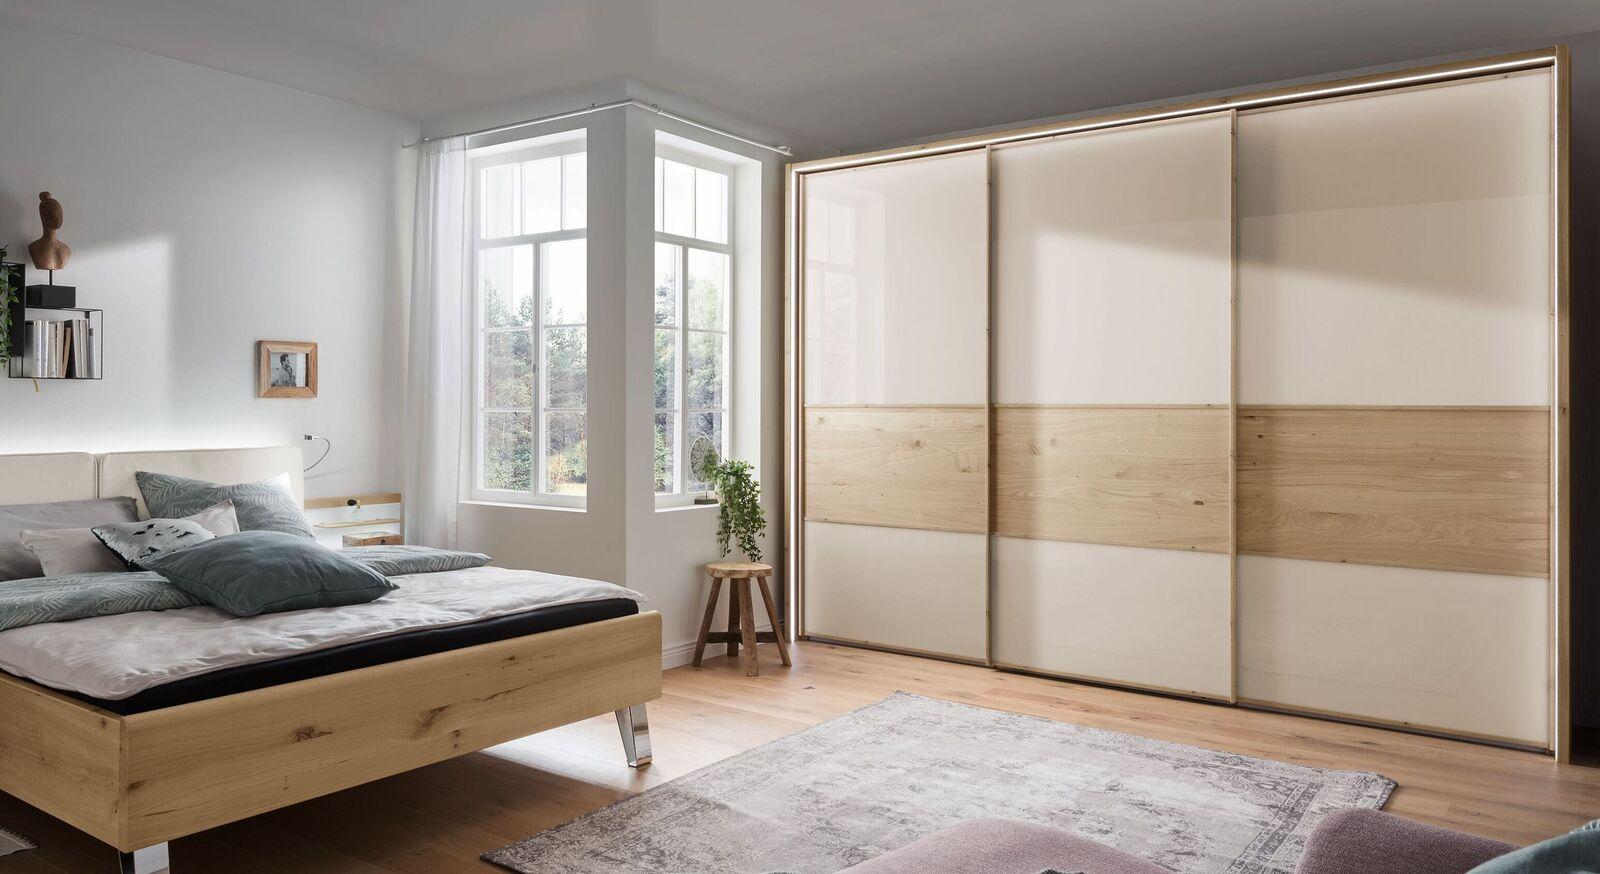 Schwebetüren-Kleiderschrank Corato mit moderner Beleuchtung